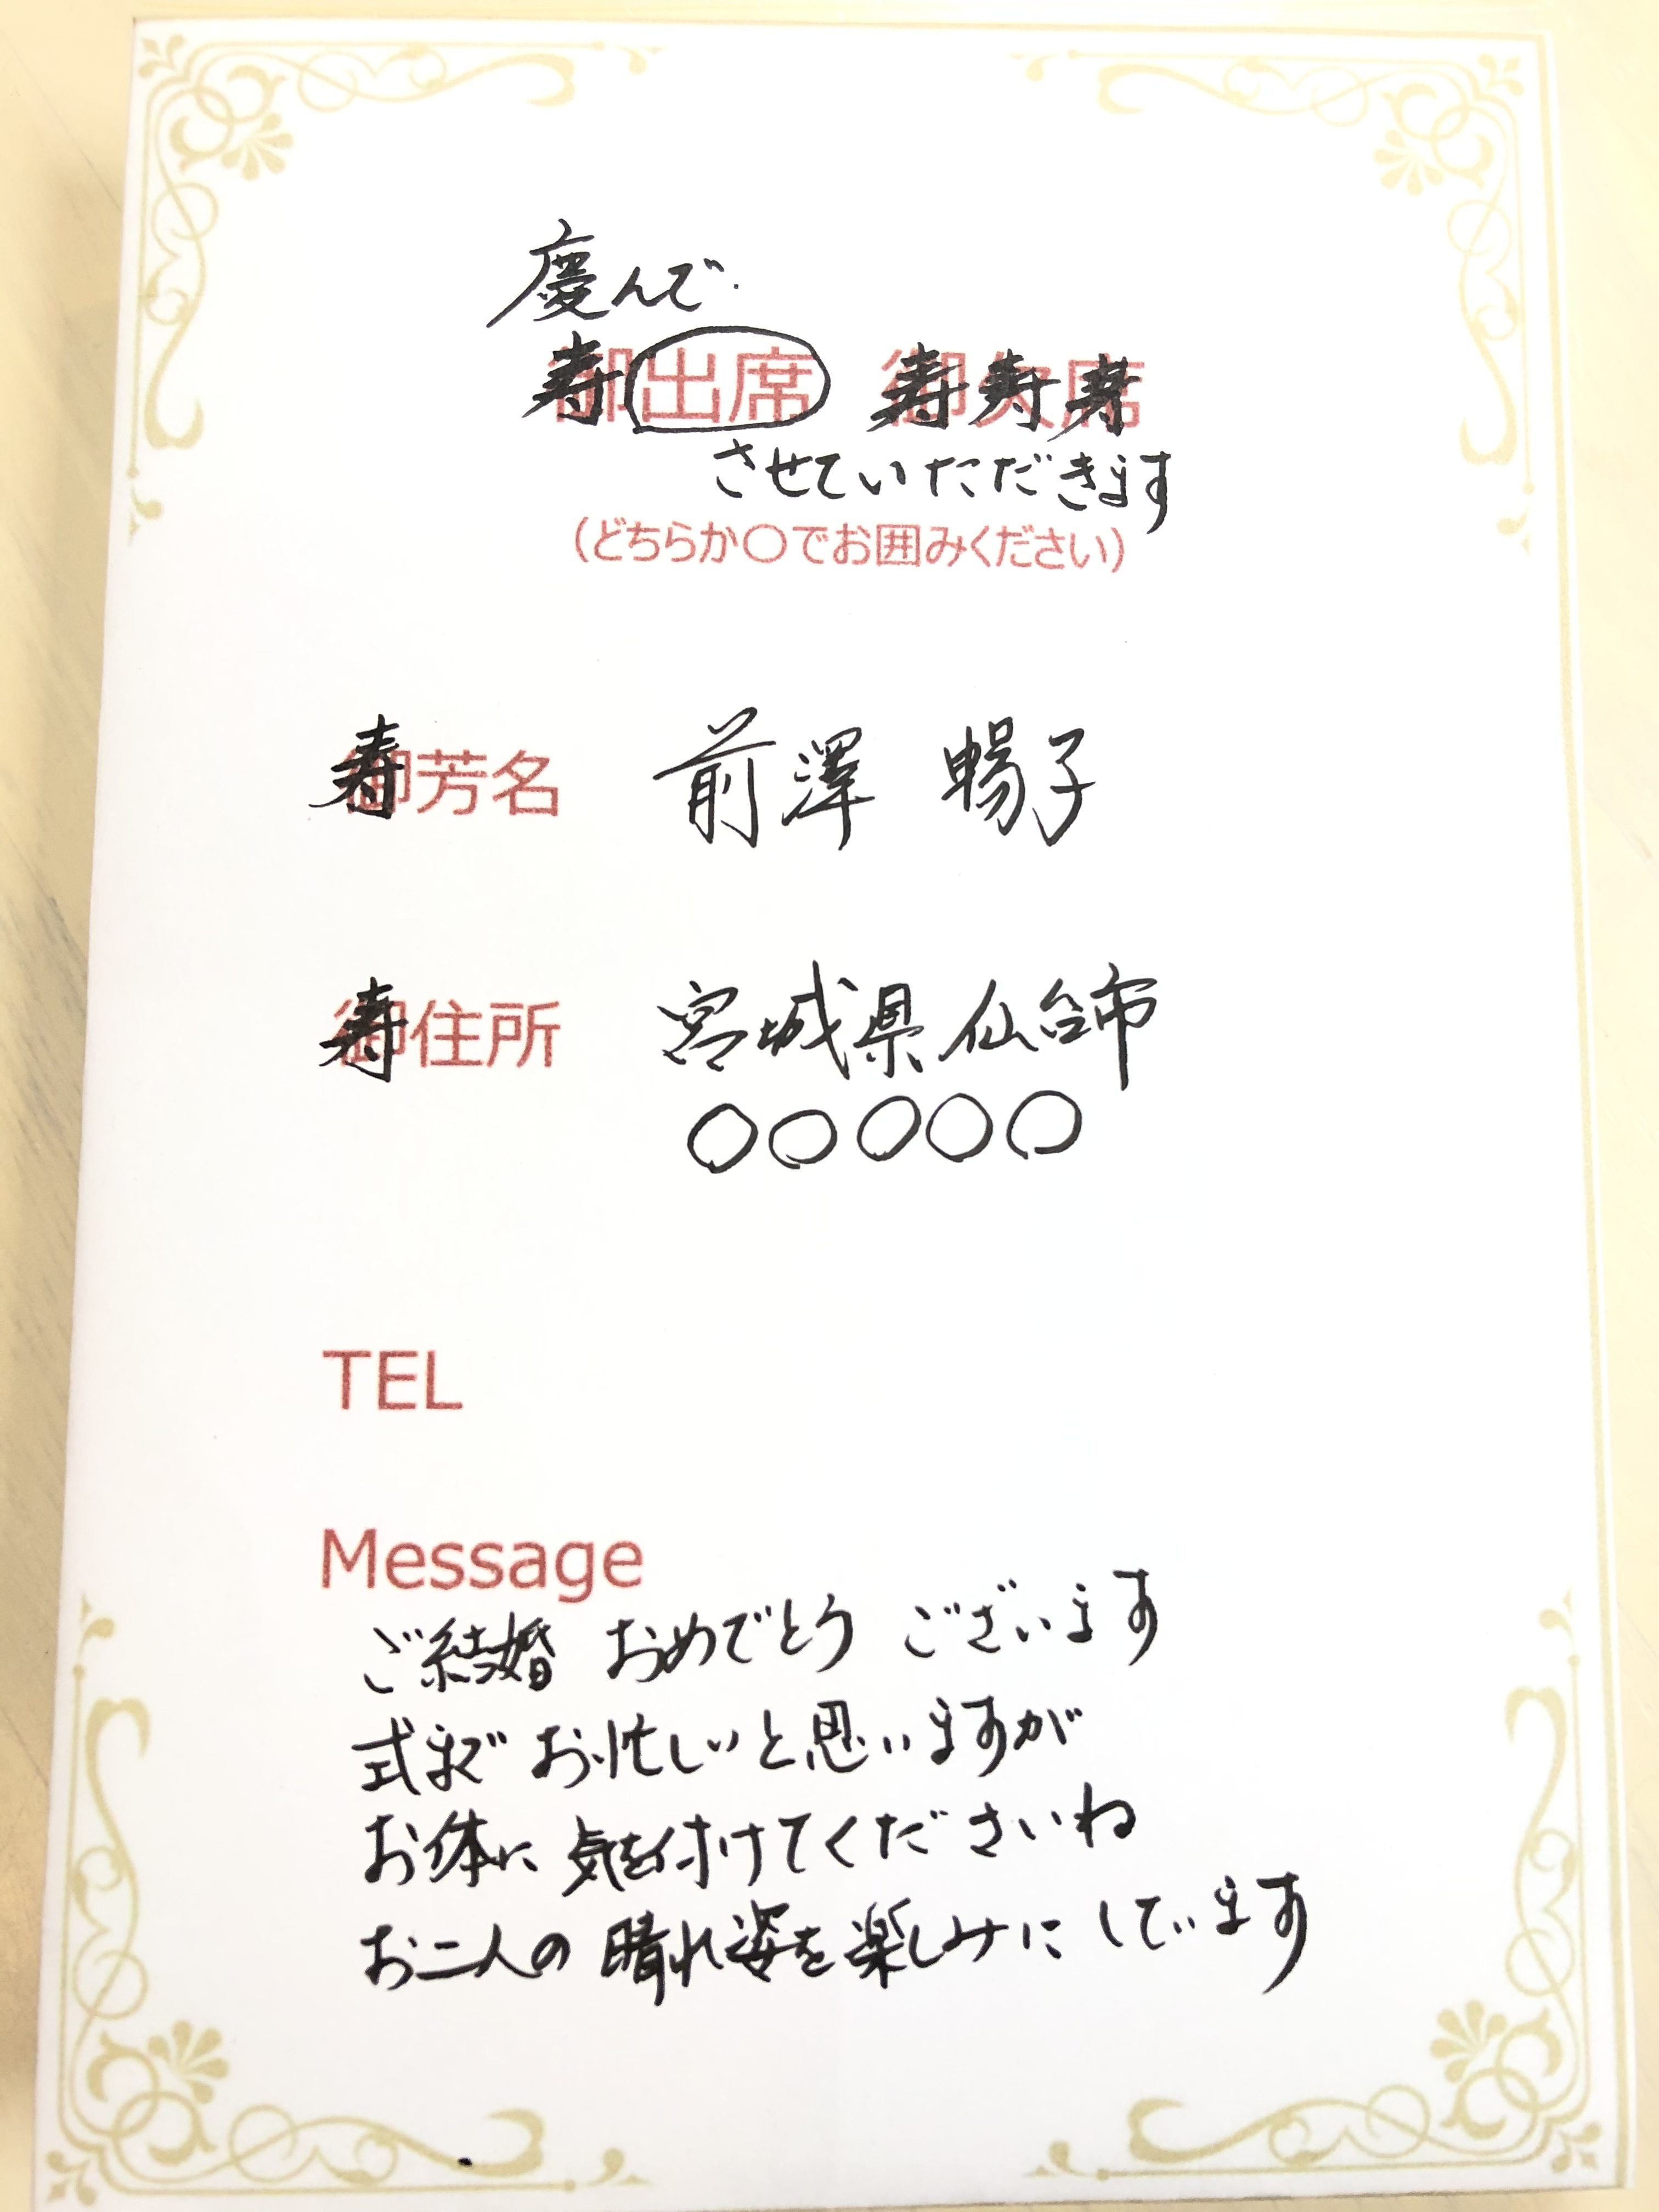 招待状への返事の例